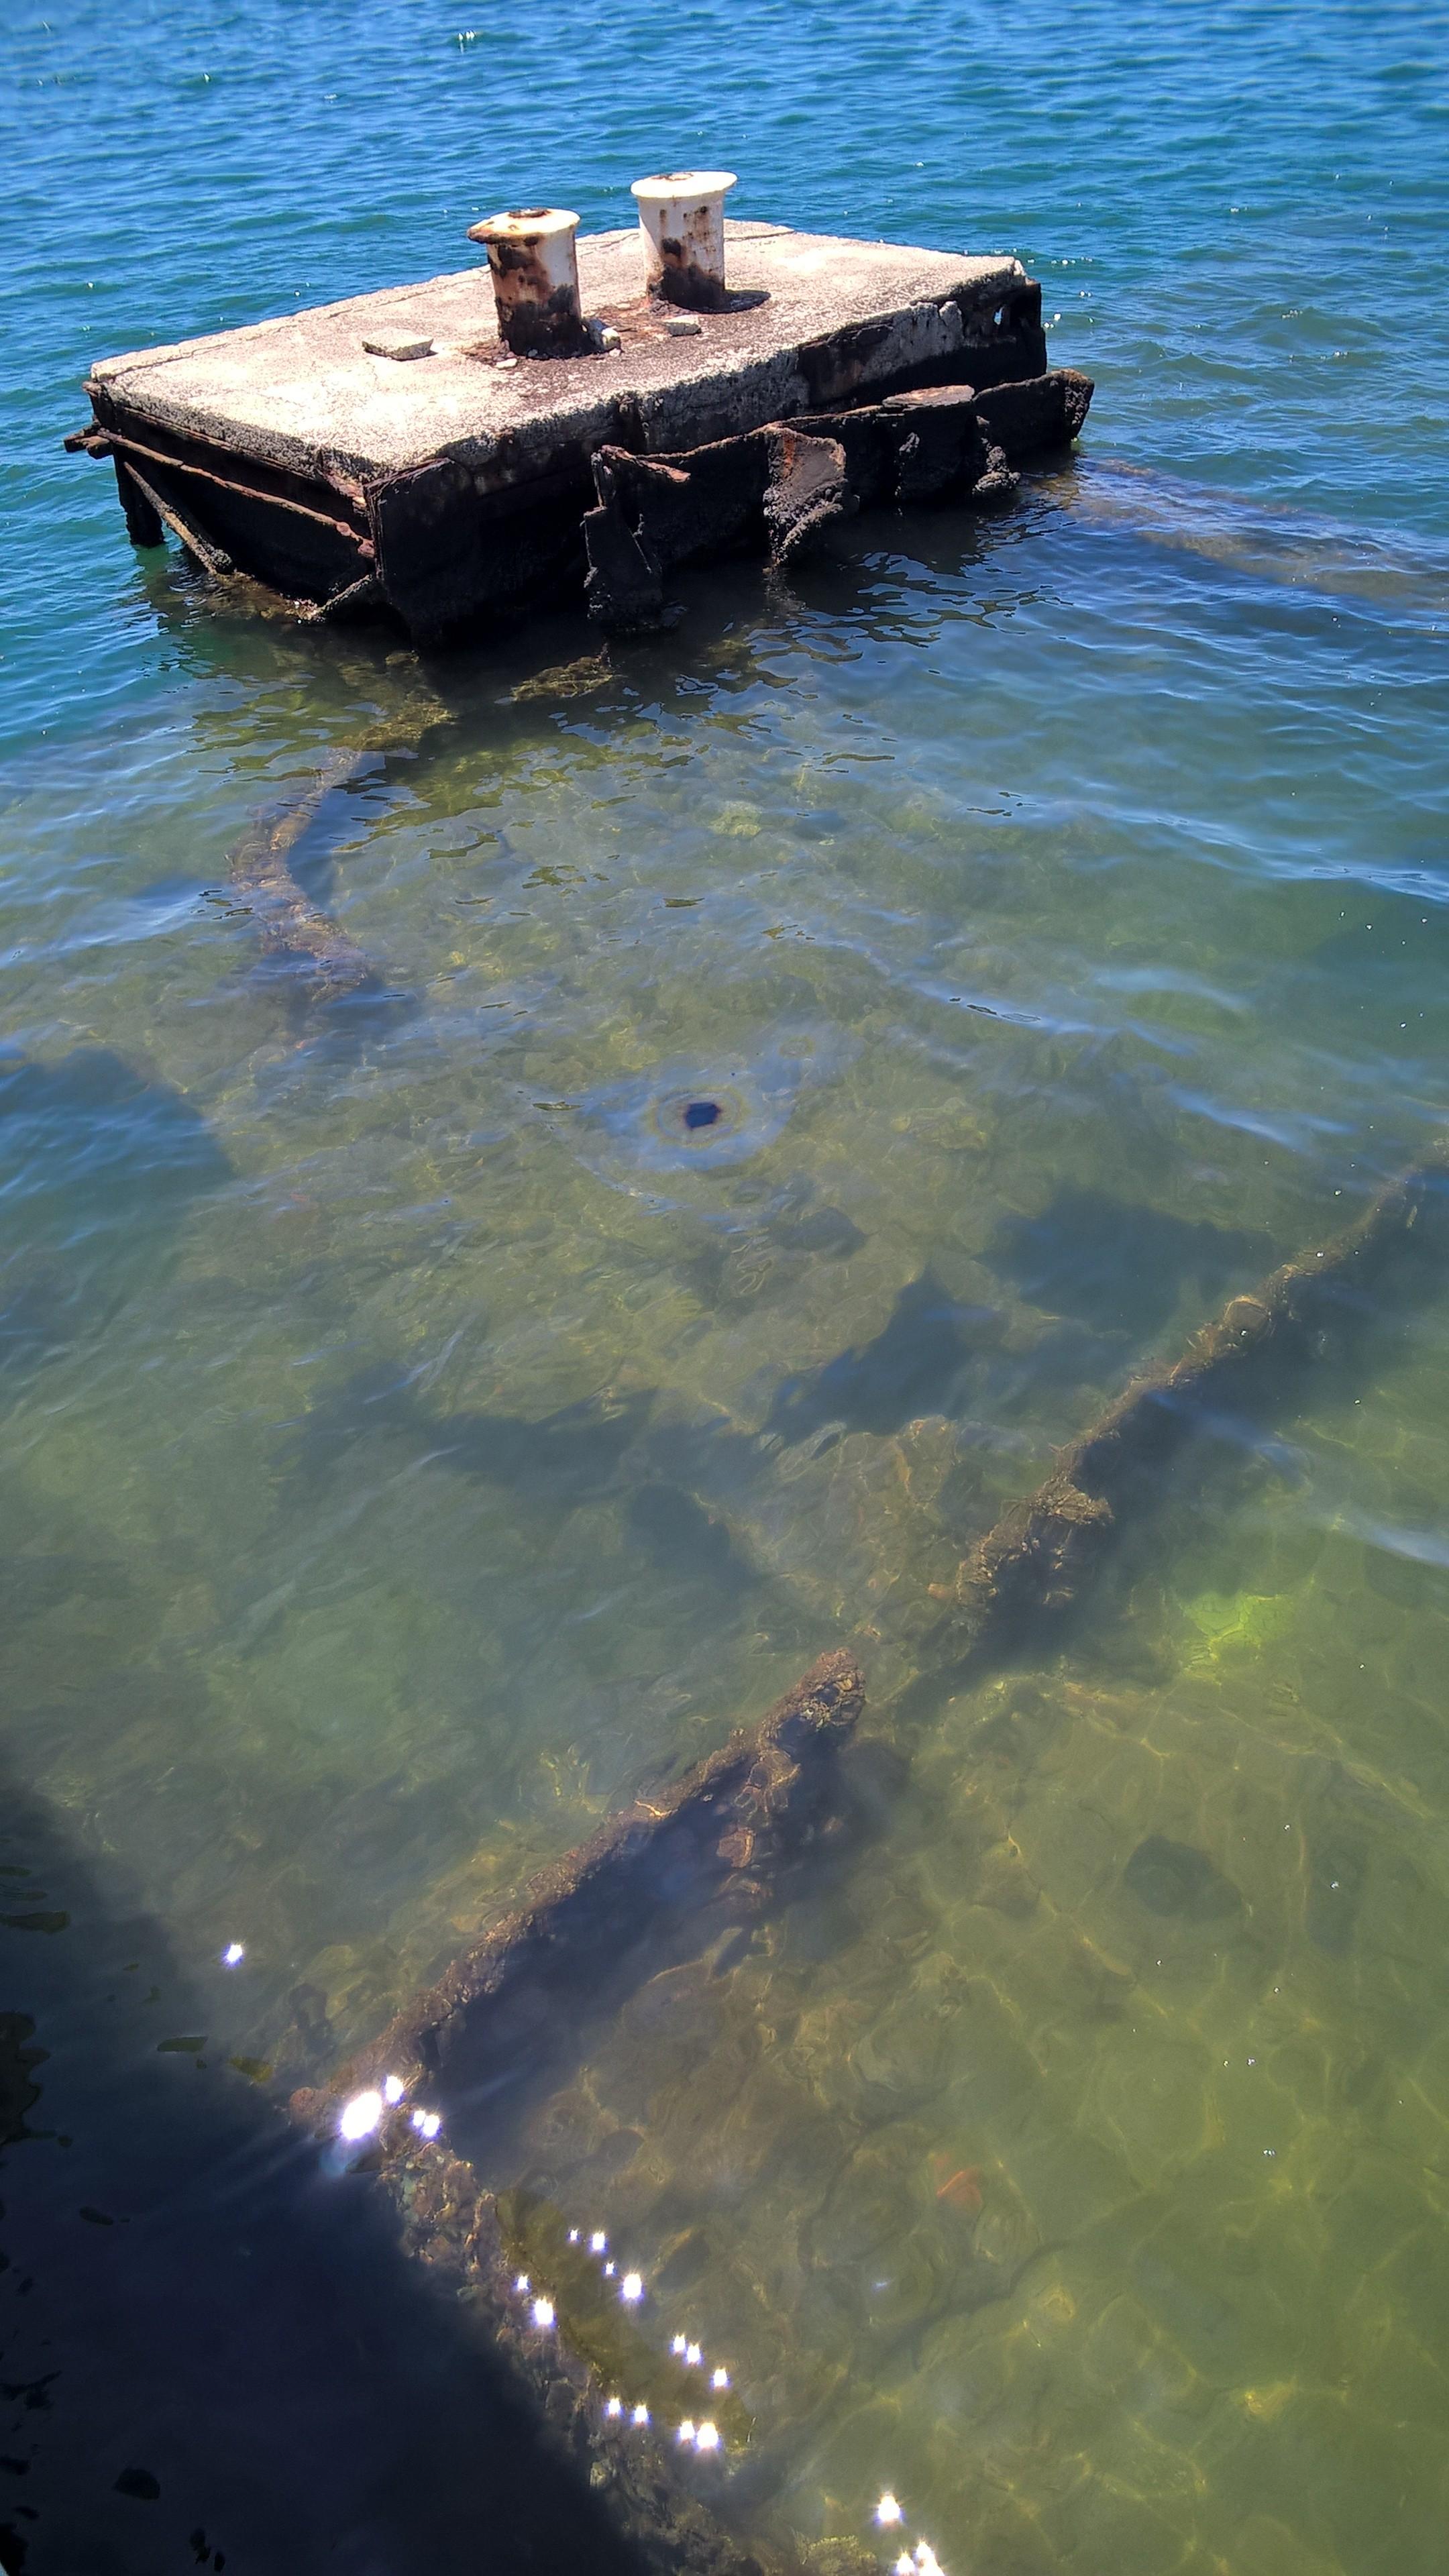 ... ein paar Meter unter der Wasseroberfläche